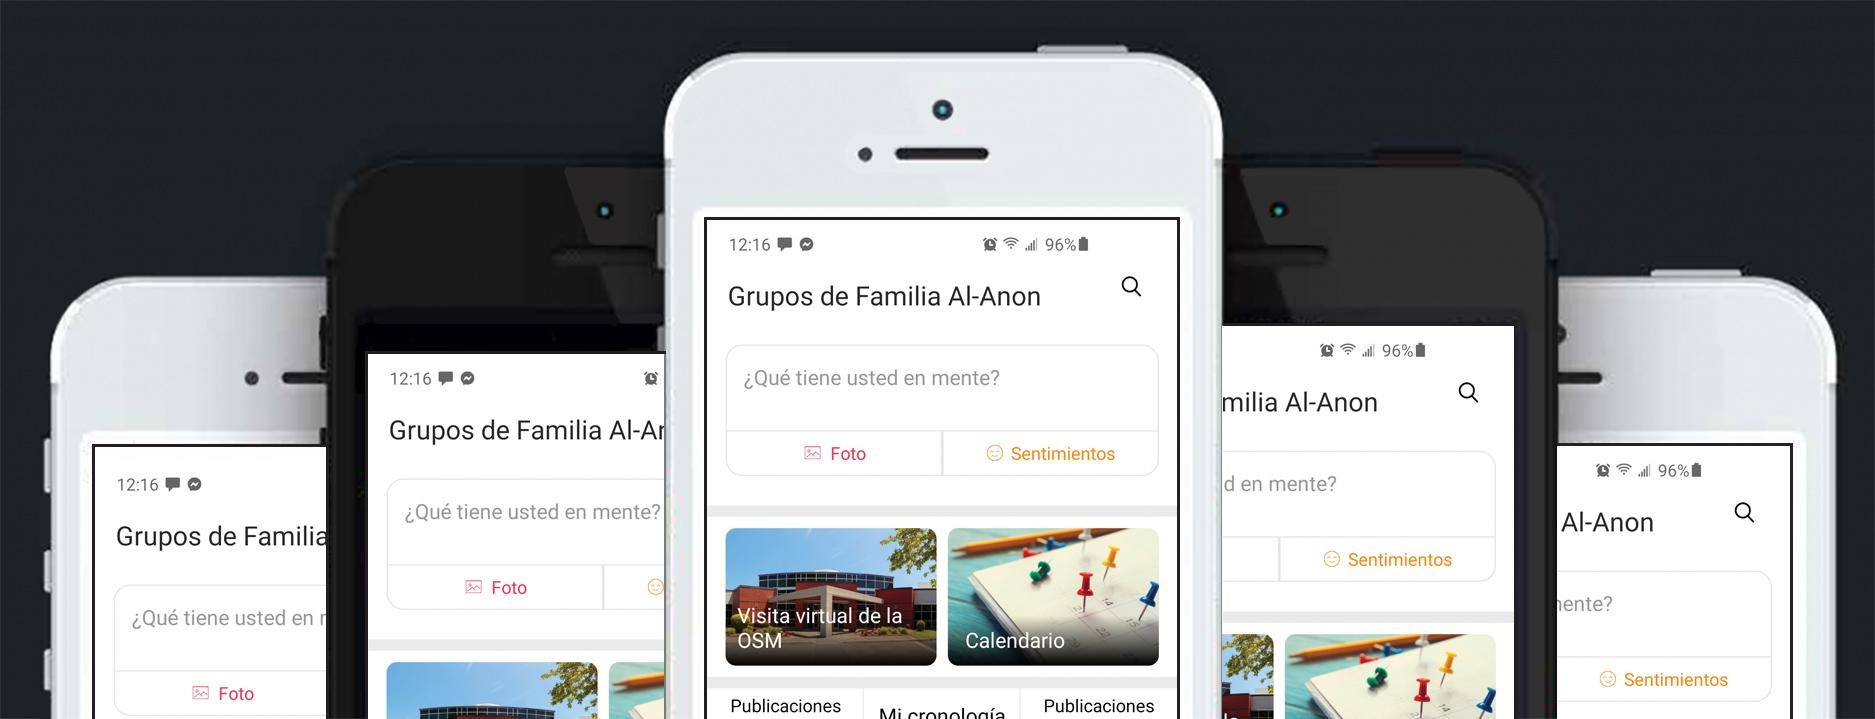 La aplicación móvil oficial de los Grupos de Familia Al-Anon